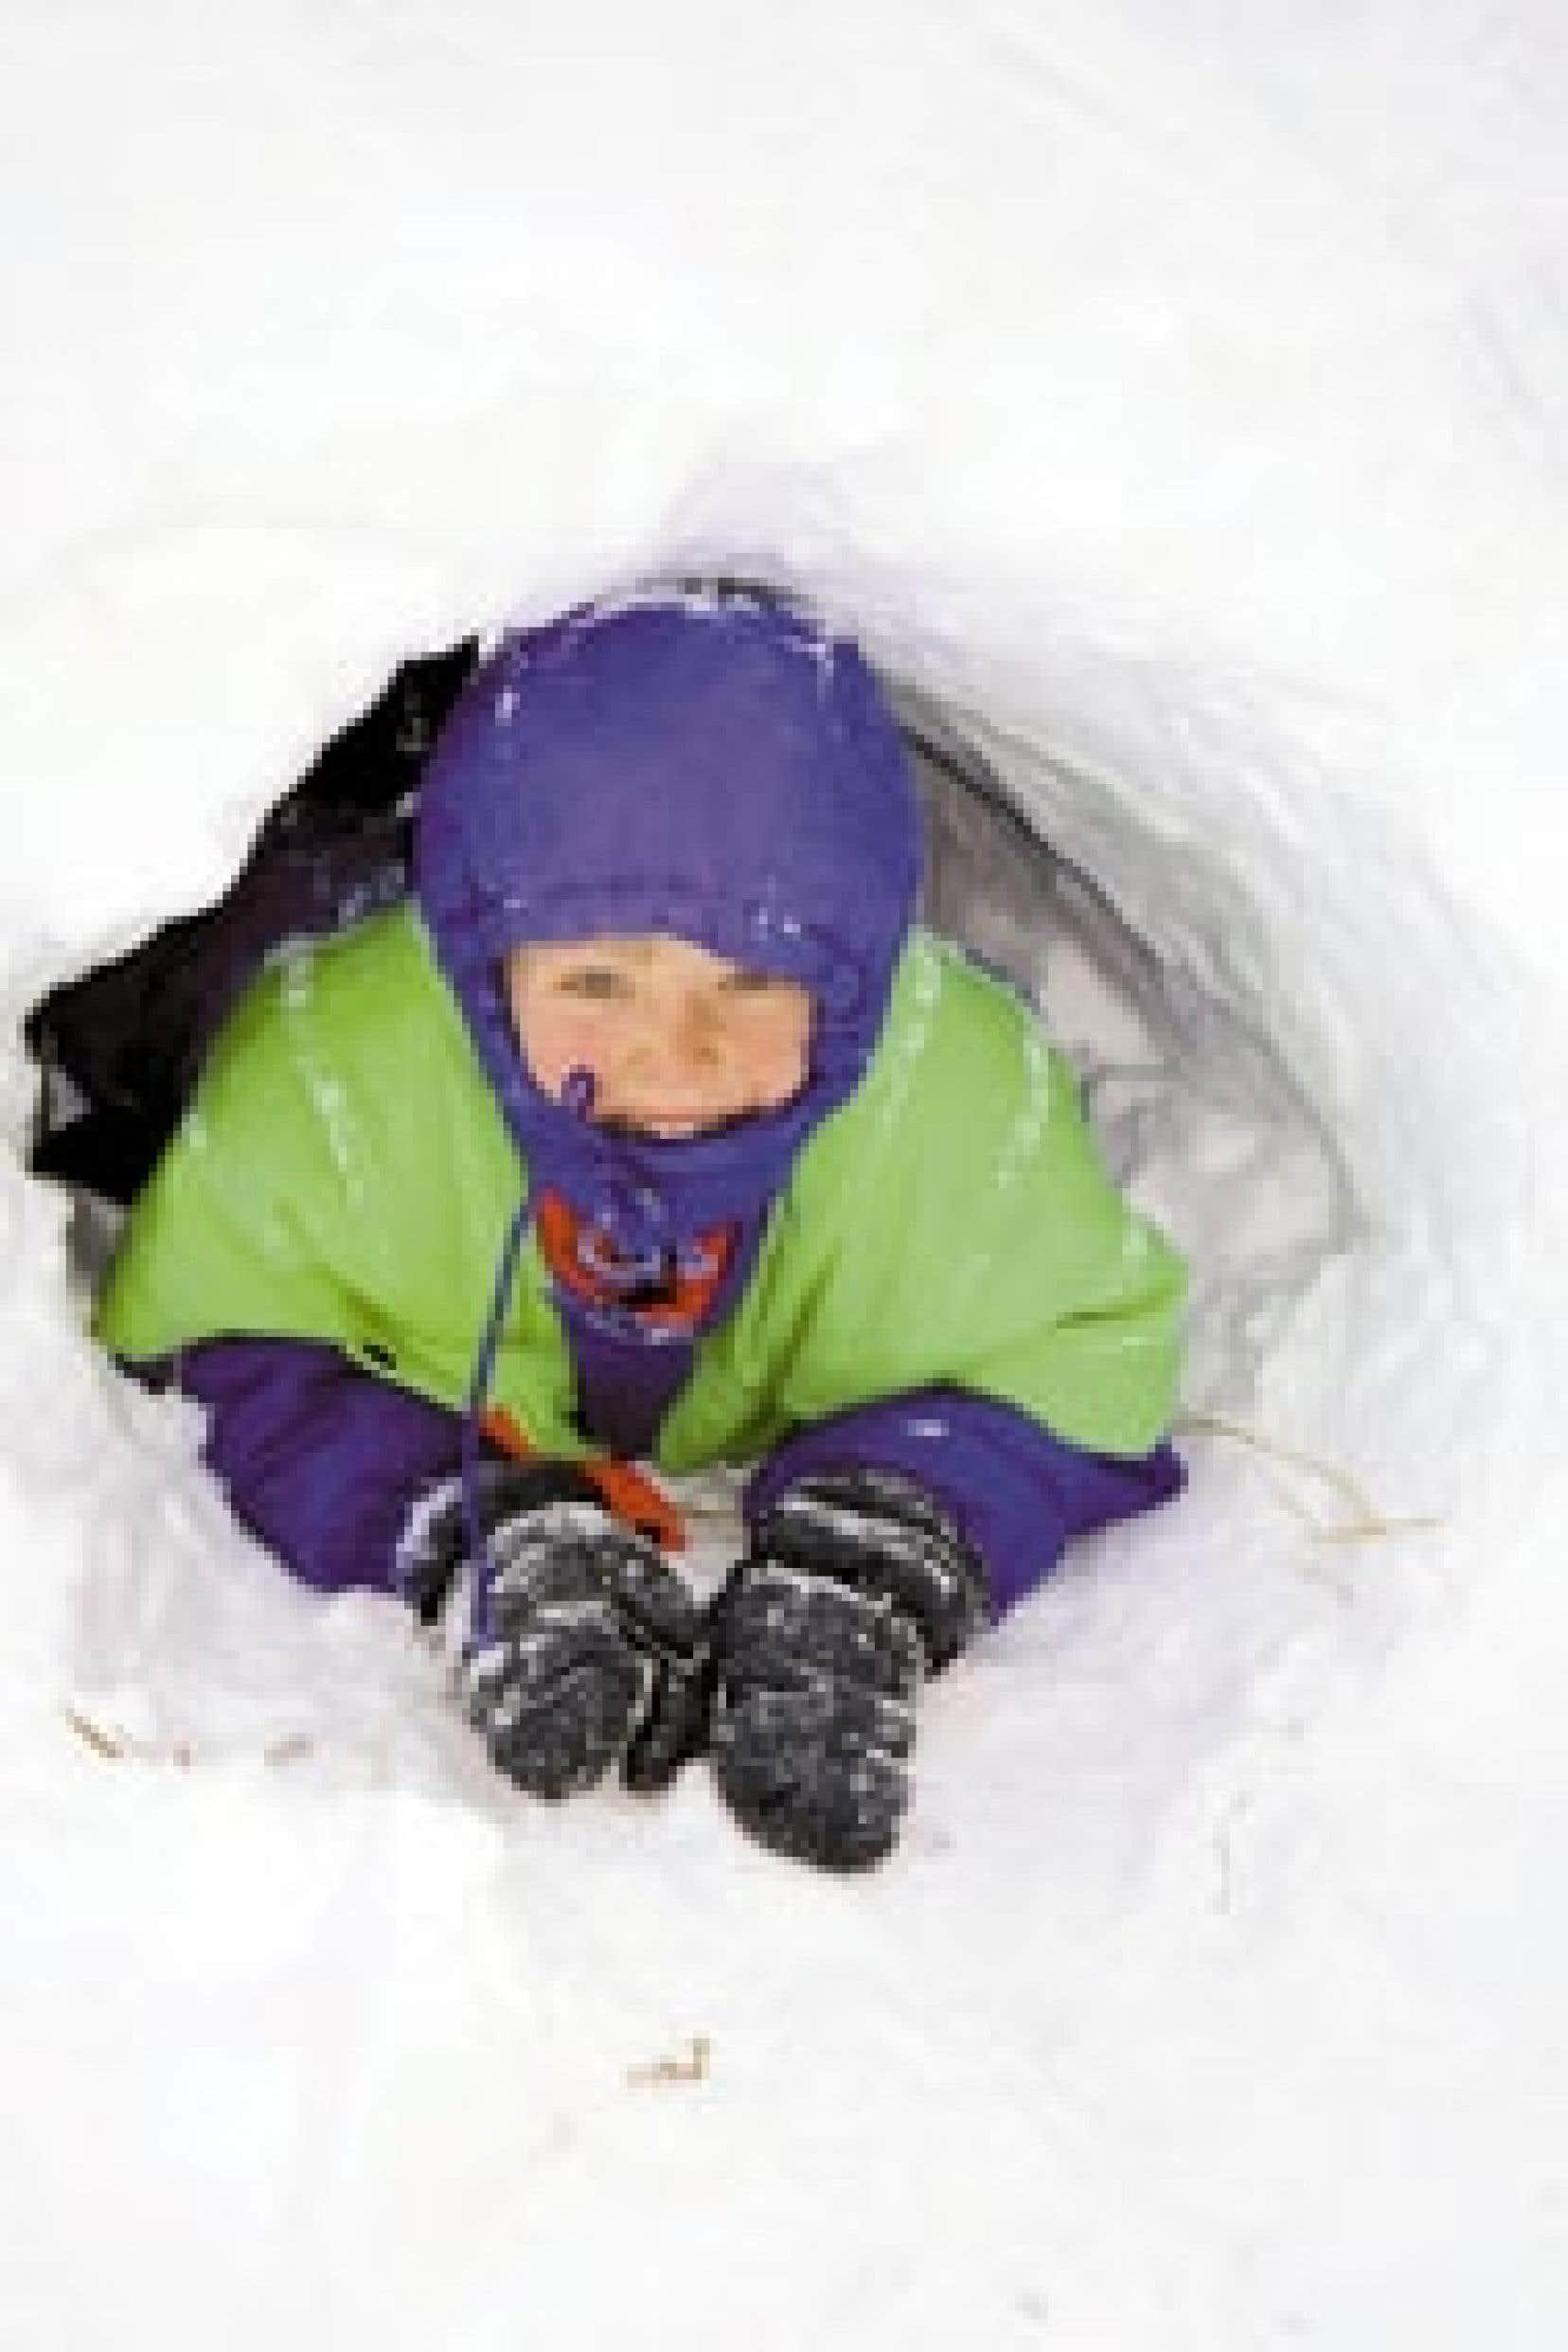 Au moyen de pelles, de seaux et de moules, les enfants de 5 à 12 ans peuvent créer, avec la neige qui recouvre le sol (à laquelle ils peuvent ajouter des colorants végétaux), chacun des bâtiments de leur cité. Source: Centre canadien d'architec